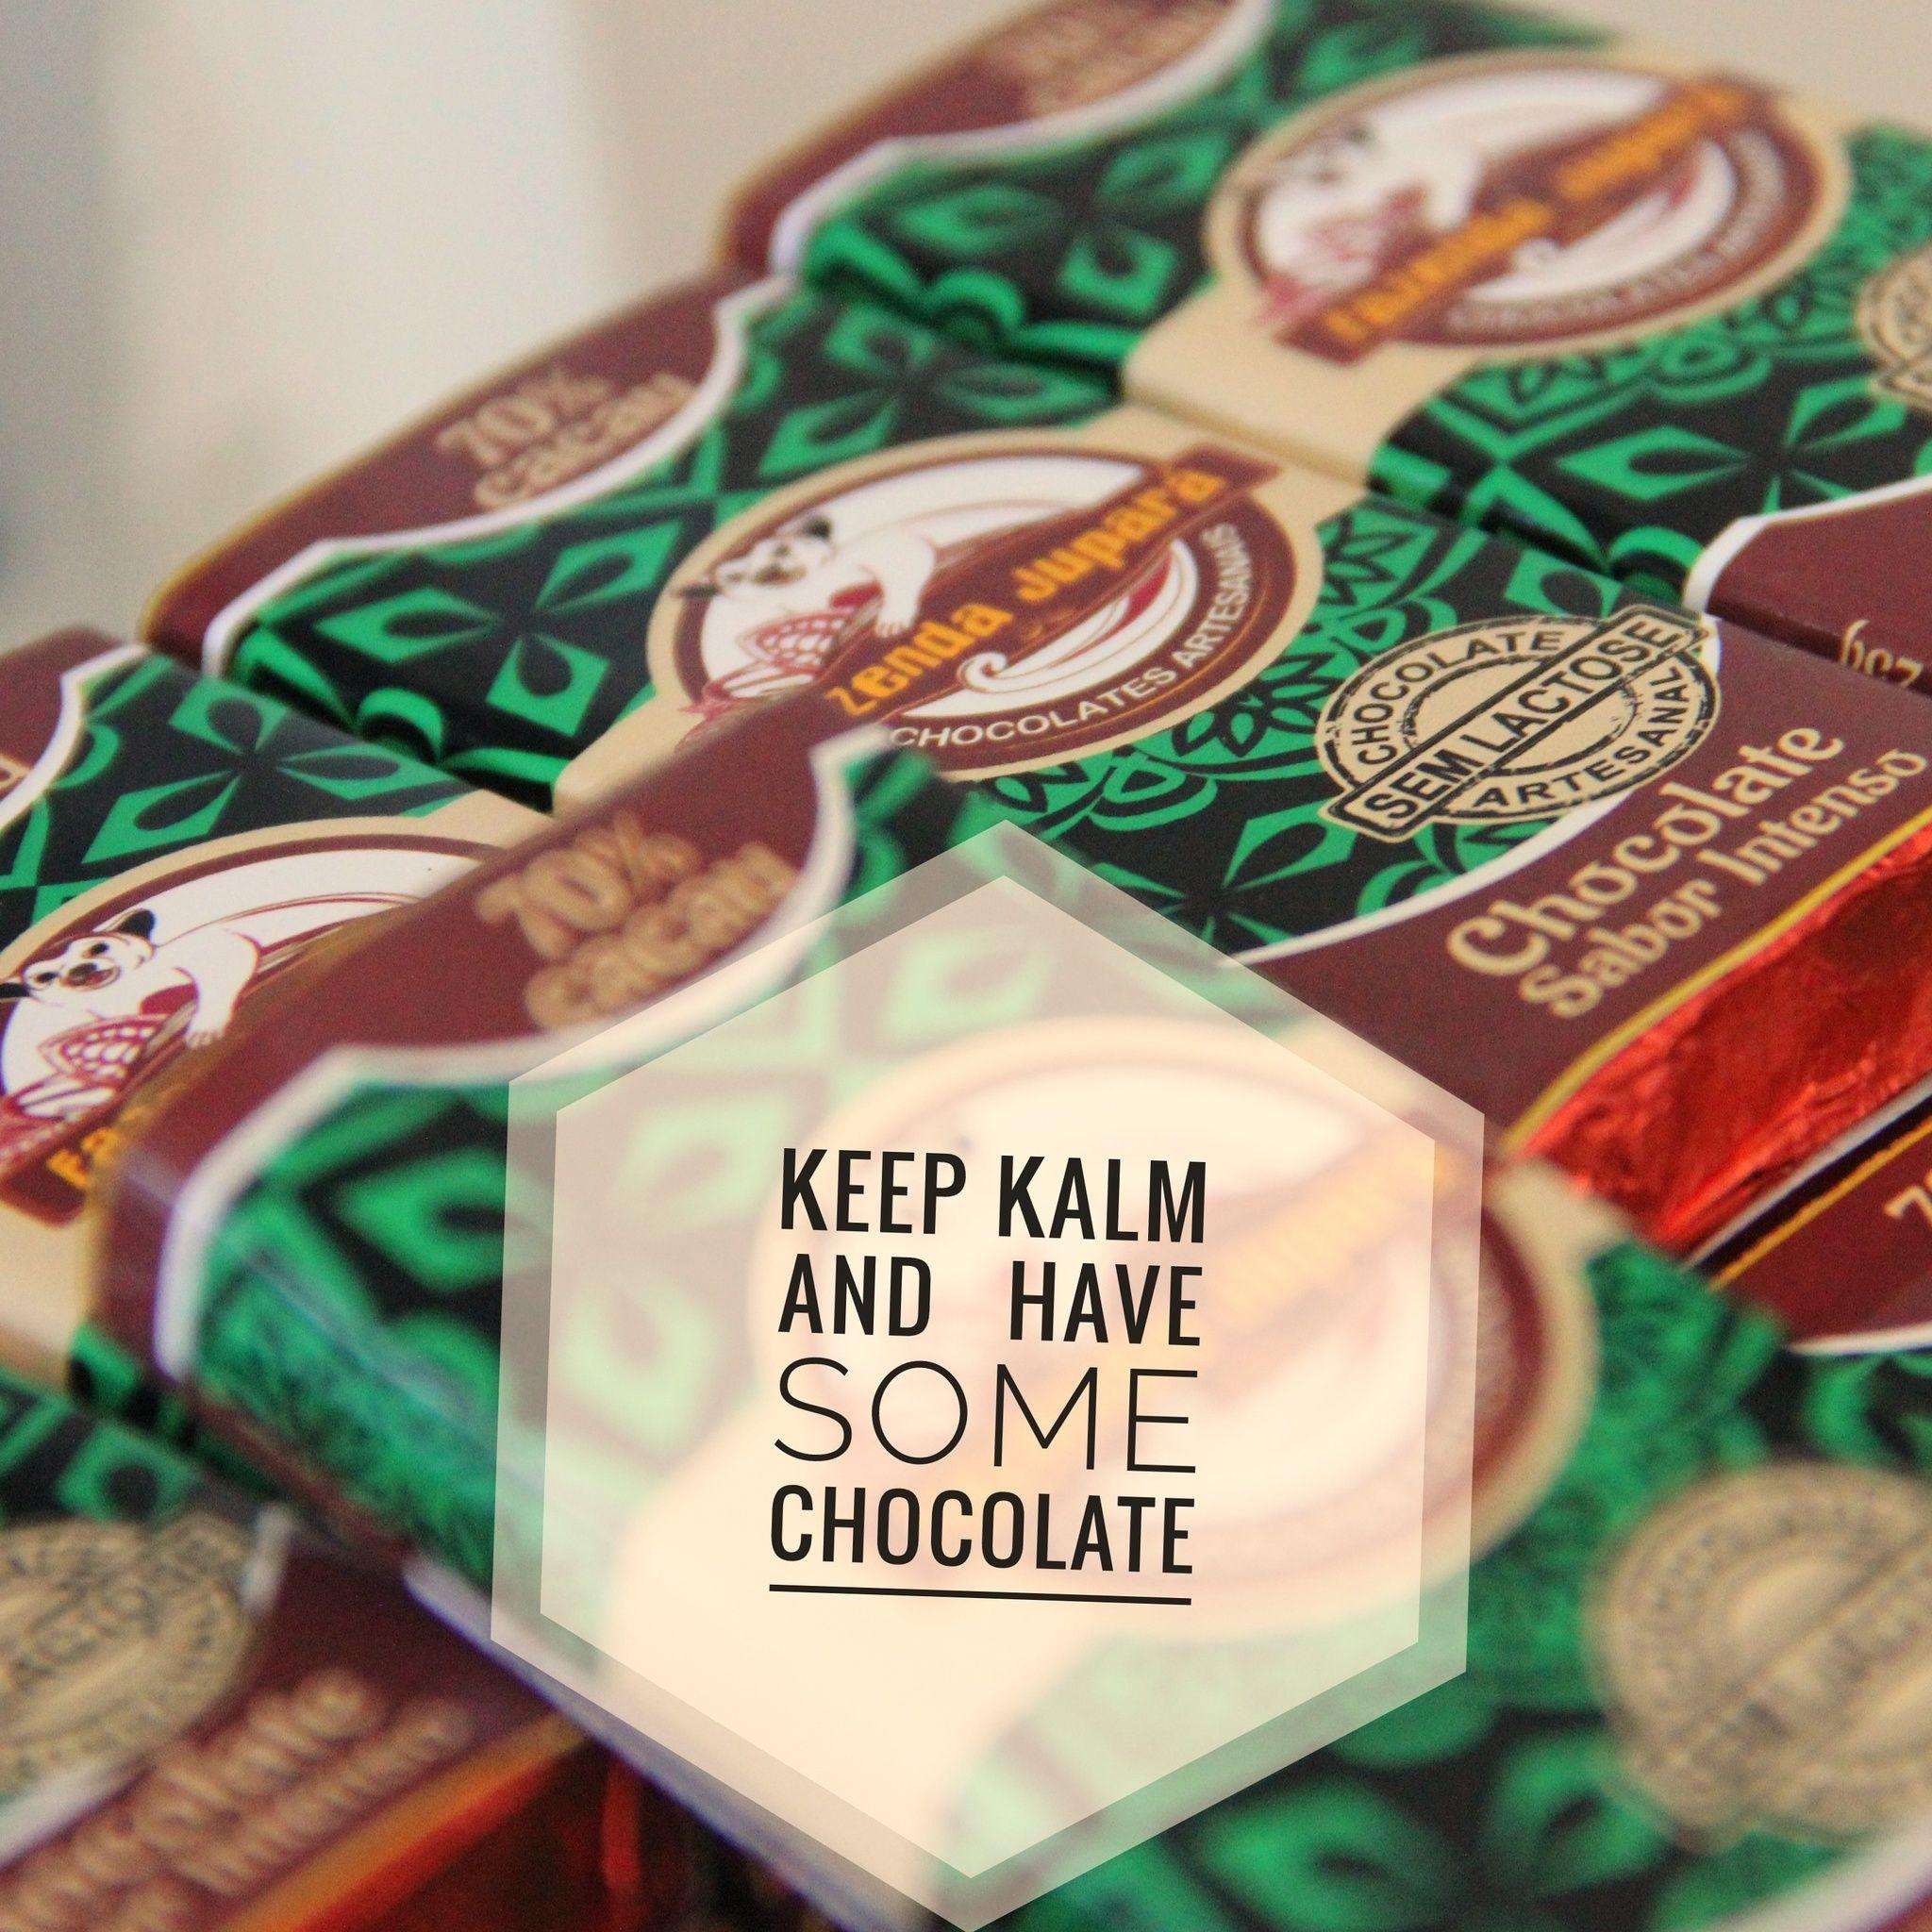 No link👉 @onde_encontrar_jupara Jupará você pode encontrar os nossos pontos de vendas mais próximo de você 😉😉😉  #keepkalm #chocolatesjupara